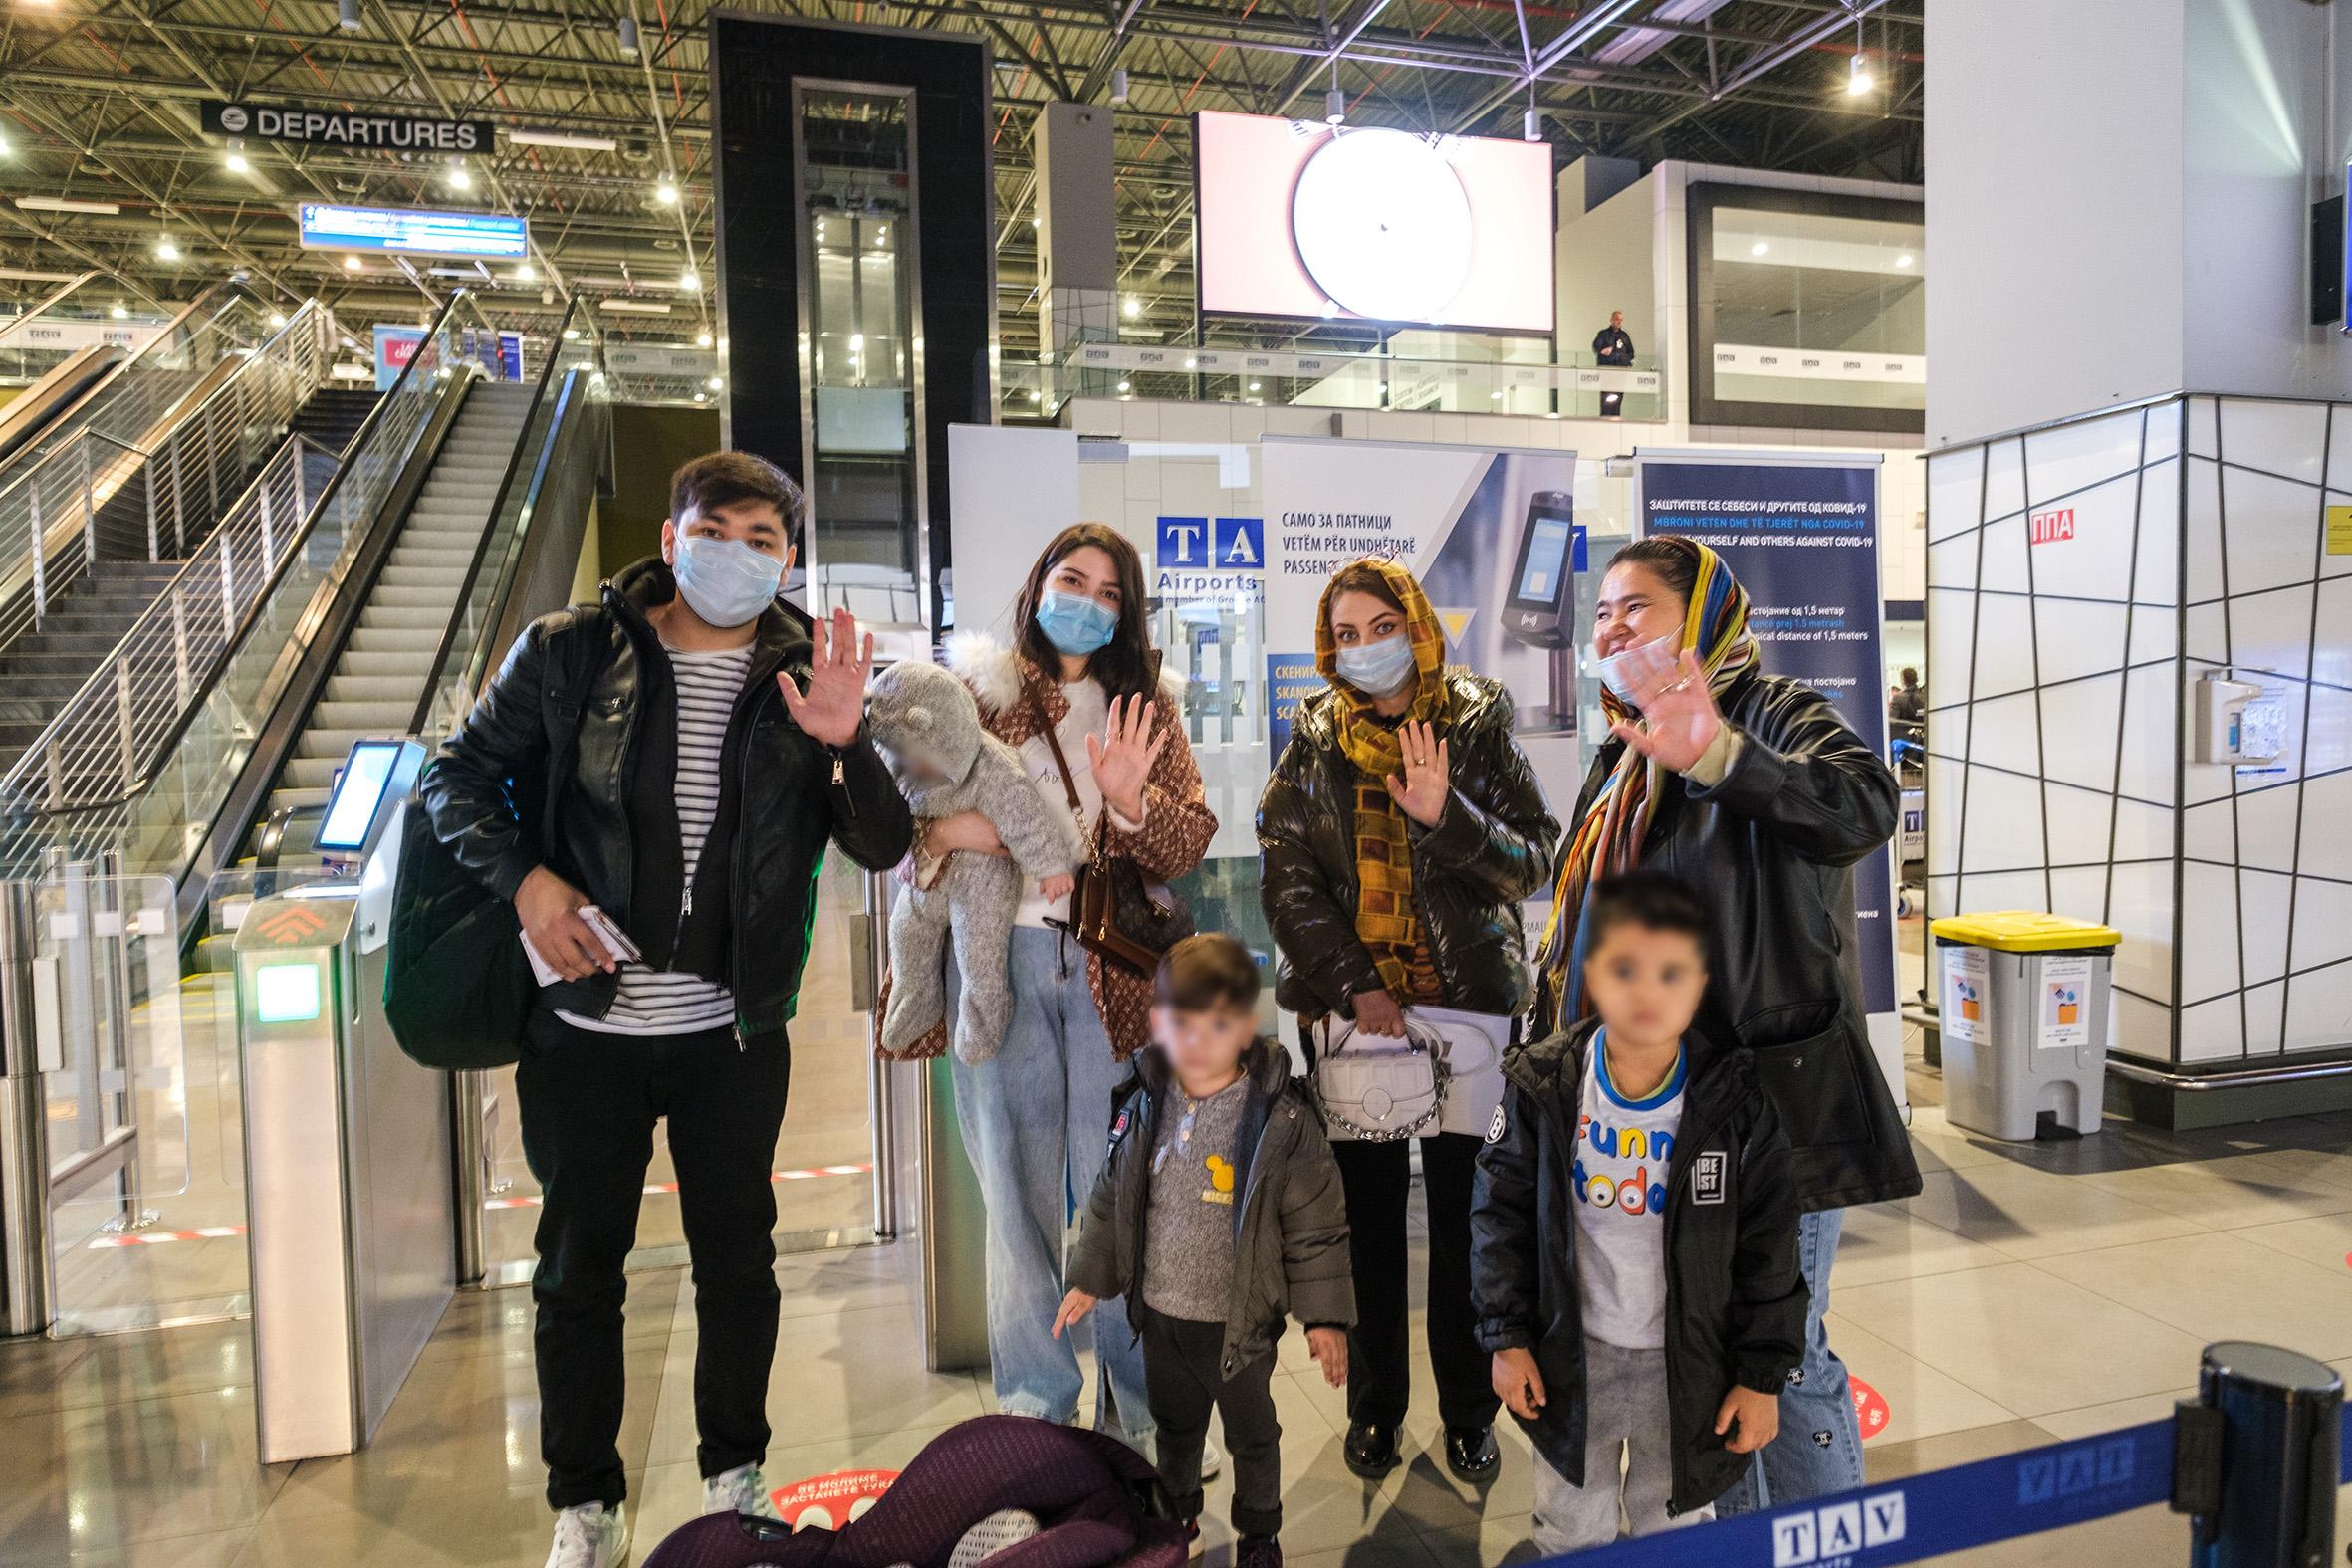 За седум граѓани на Авганистан траен престој обезбеди Португалија